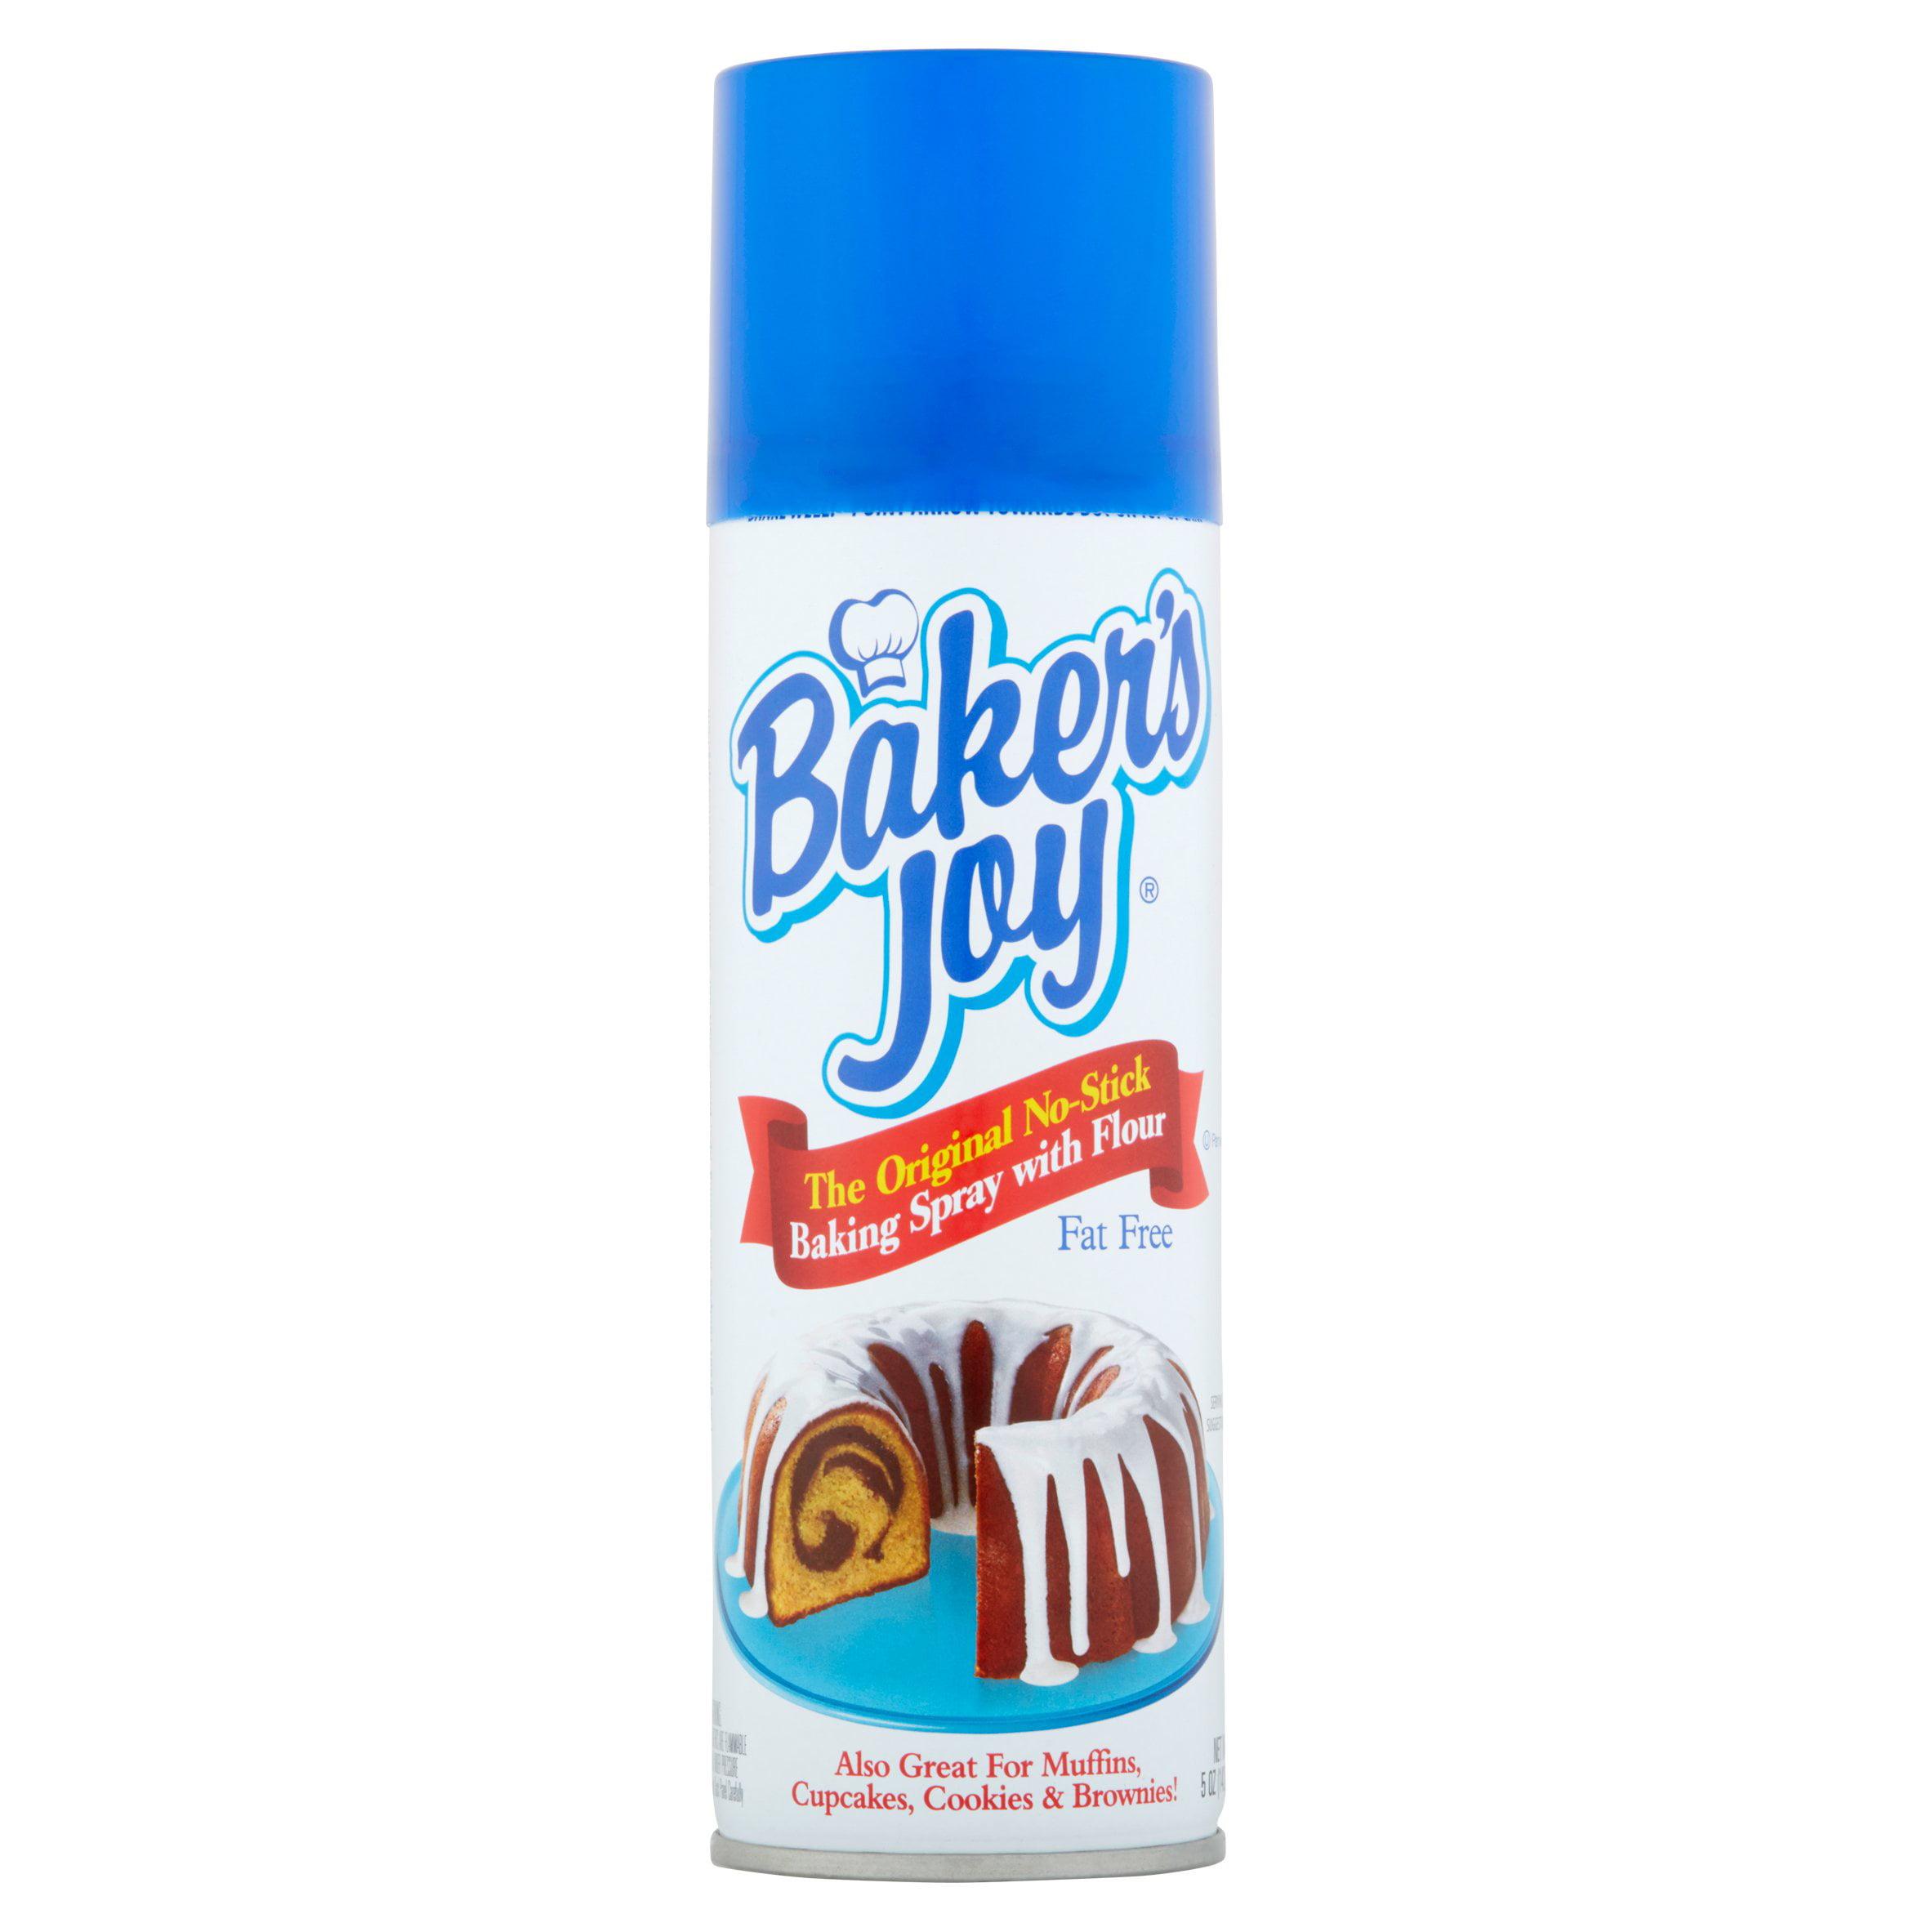 Bakers Joy The Original No Stick Baking Spray With Flour 5 Oz